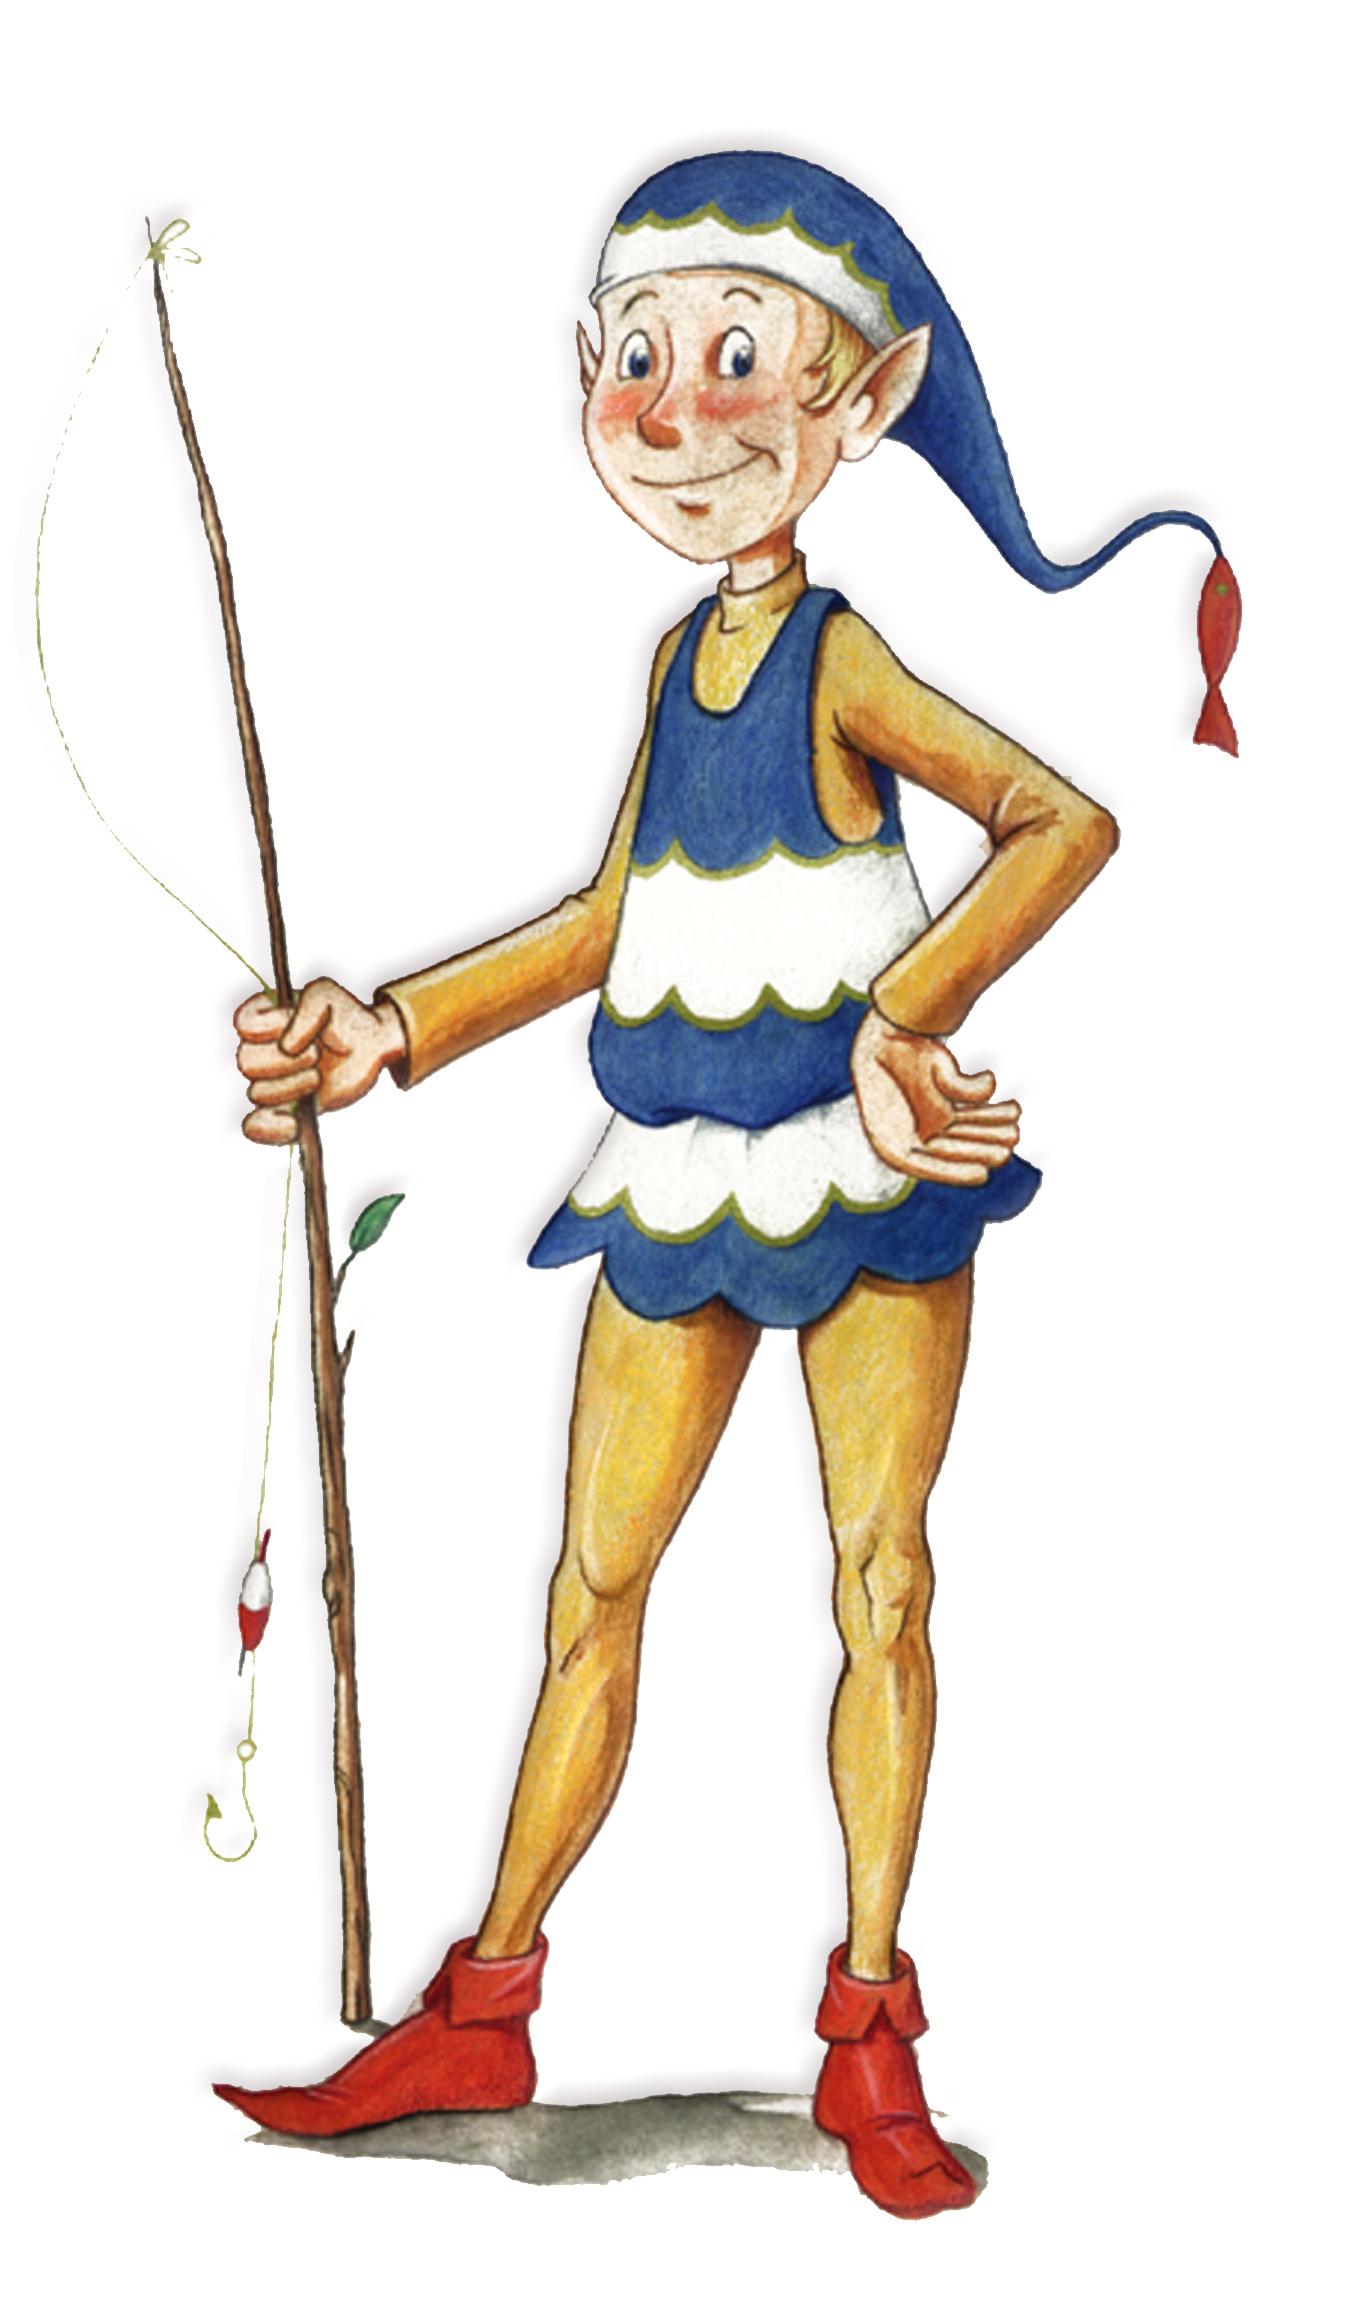 Alla scoperta di ancona la citt dorica fra miti e leggende for Immagini di clown da colorare